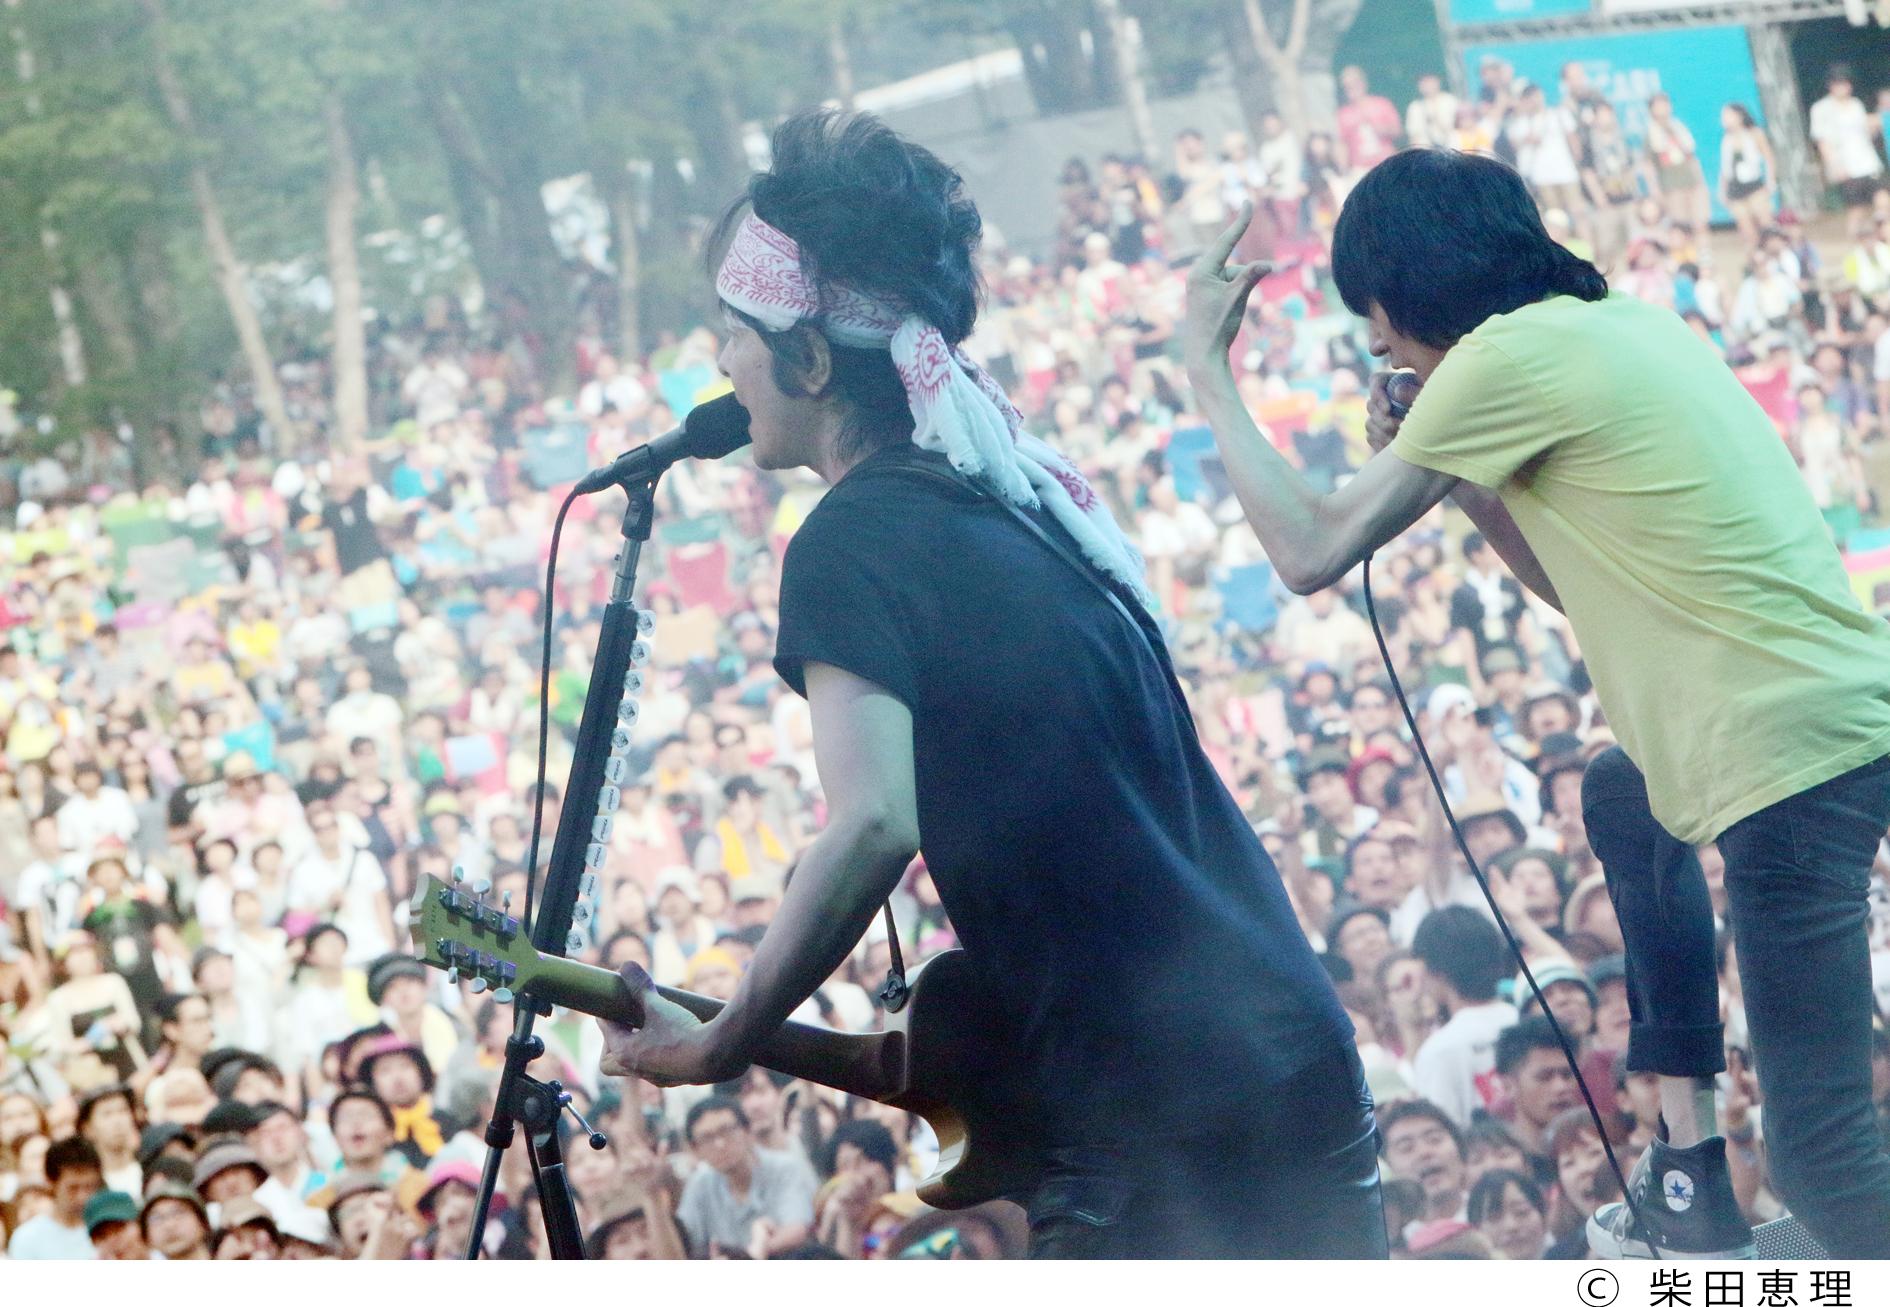 ザ・クロマニヨンズ/FUJI ROCK FESTIVAL '14 撮影=柴田恵理